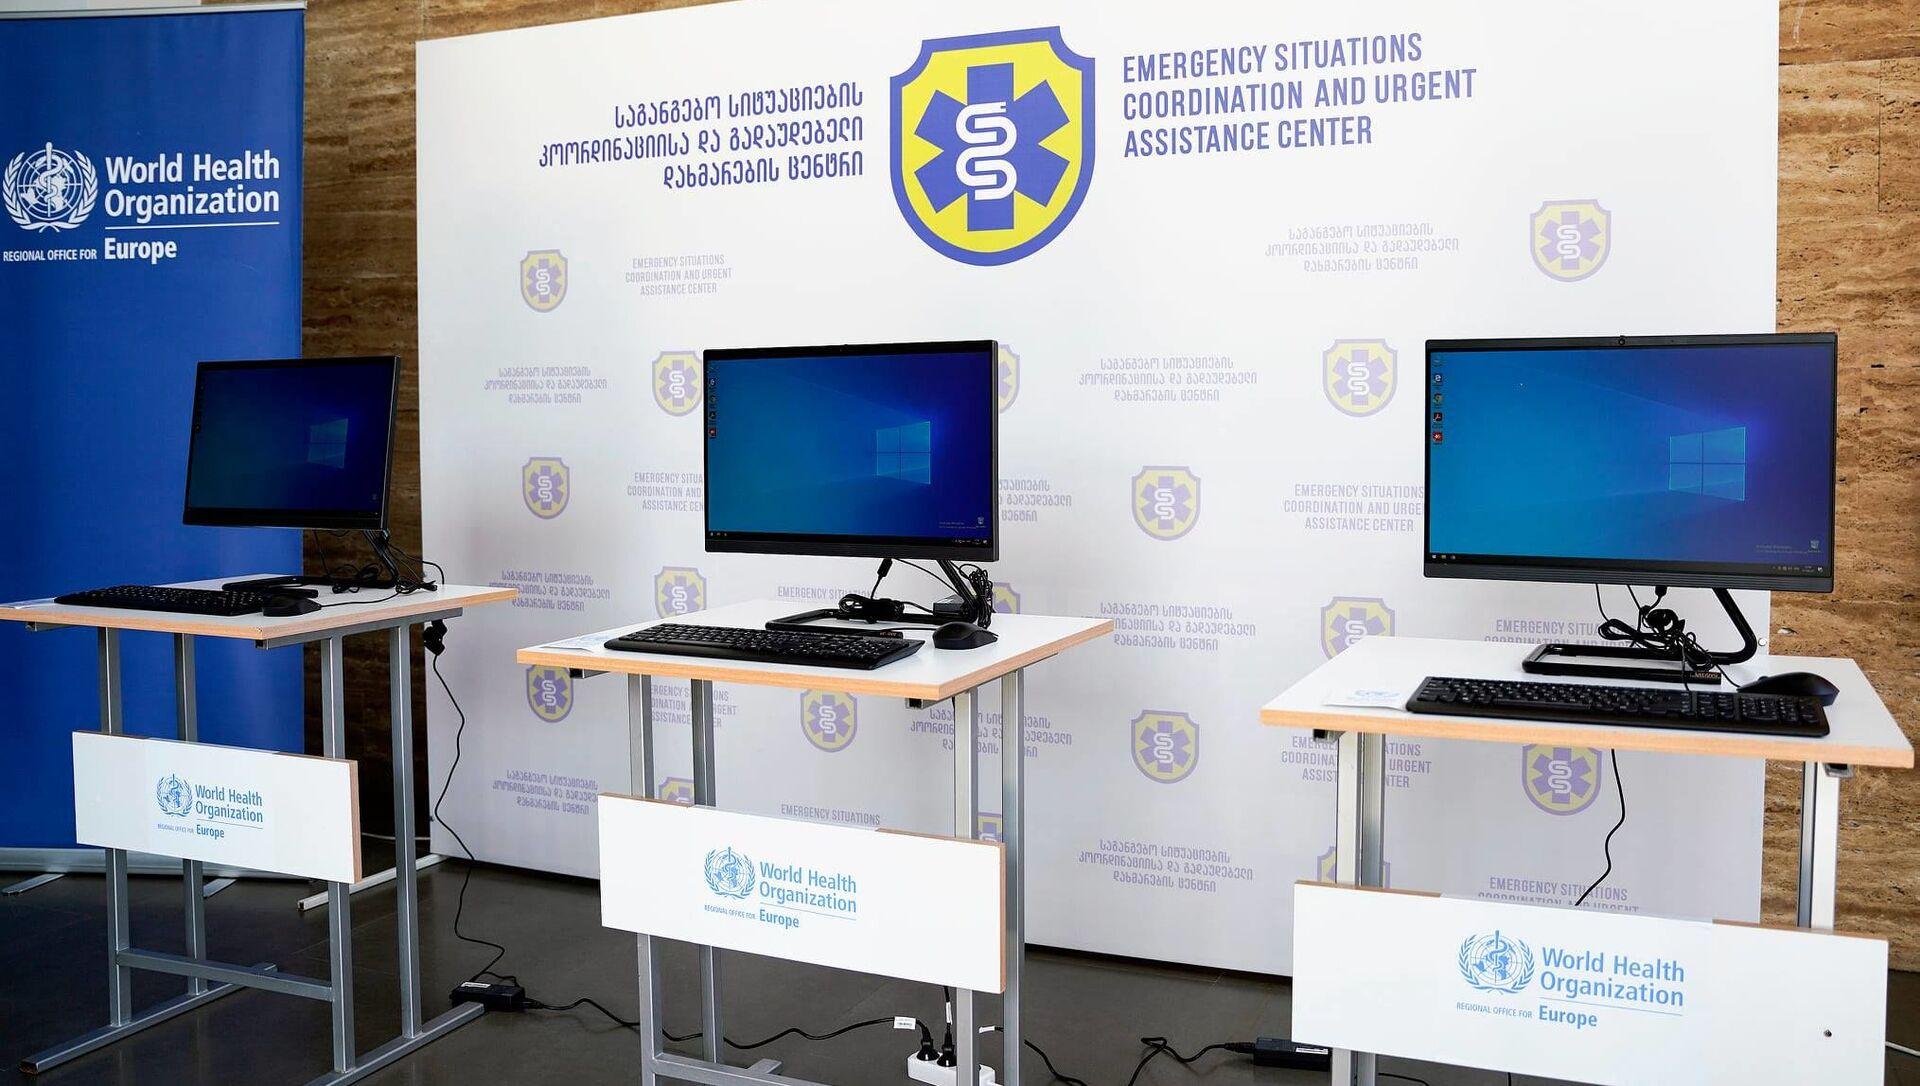 Всемирная организация здравоохранения передала 300 компьютеров Центру координации чрезвычайных ситуаций и неотложной помощи - Sputnik Грузия, 1920, 12.02.2021